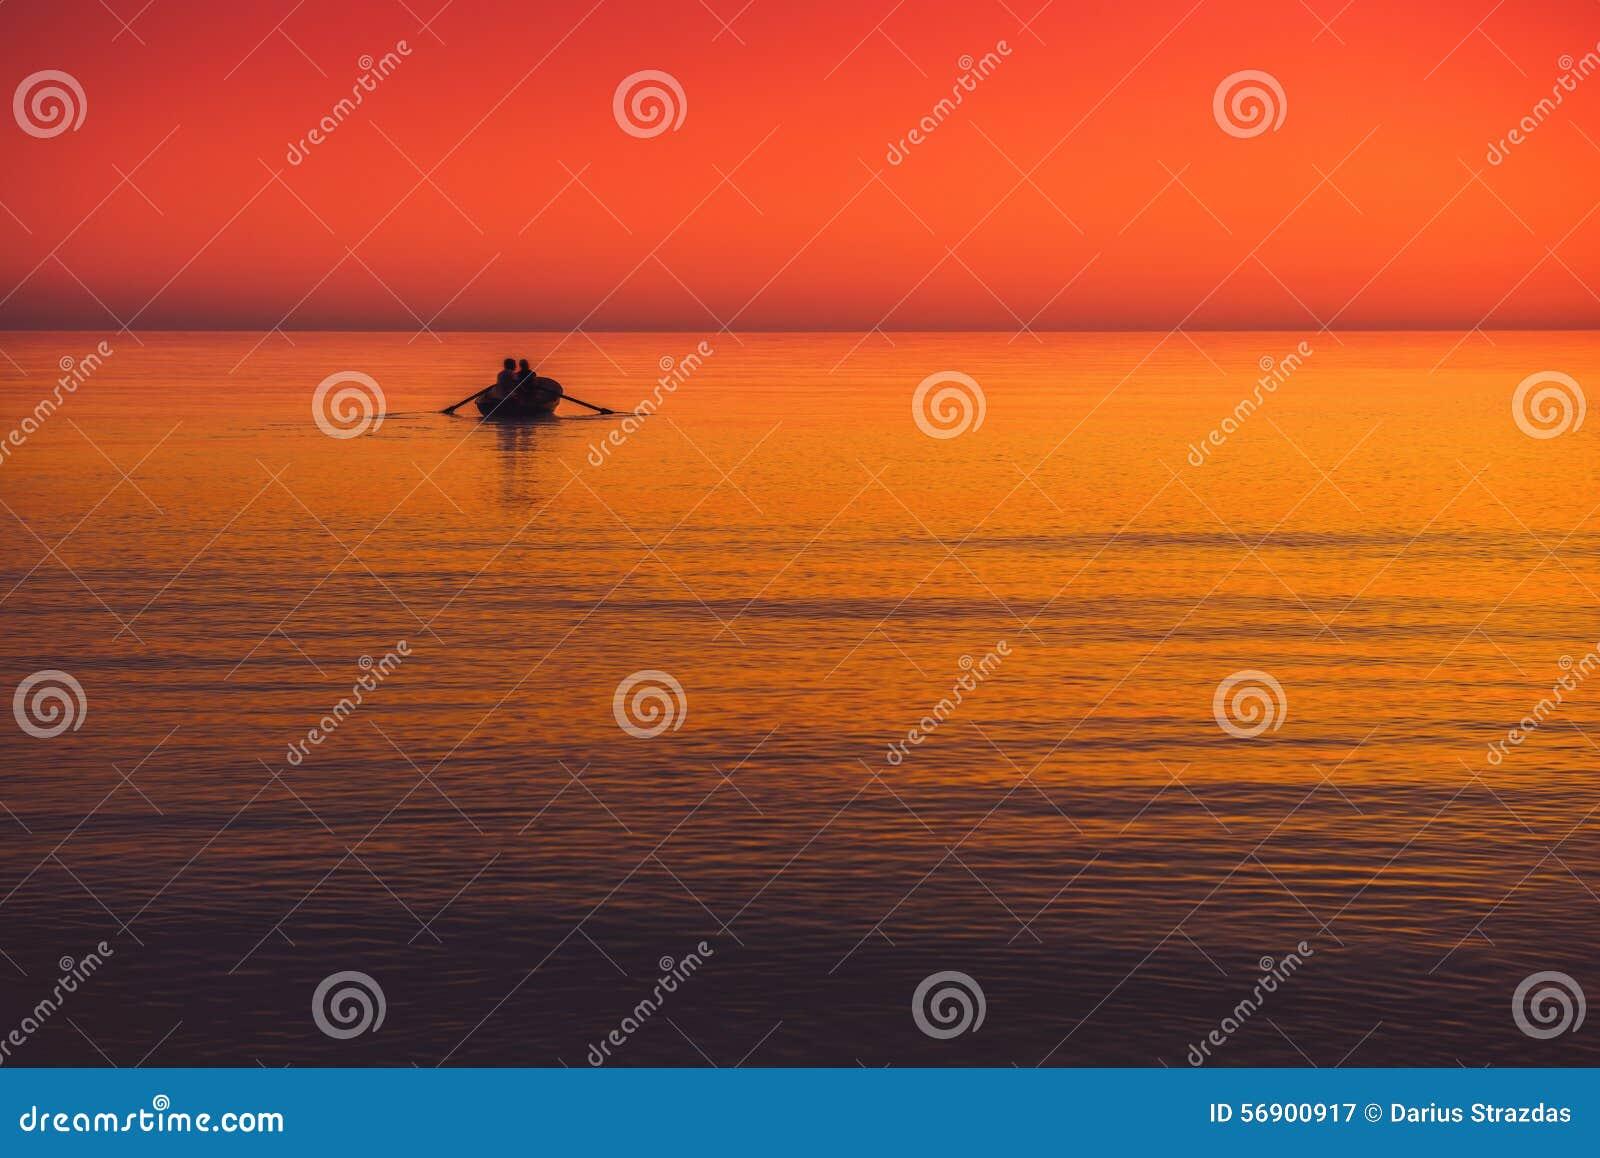 Meerblick mit Boot